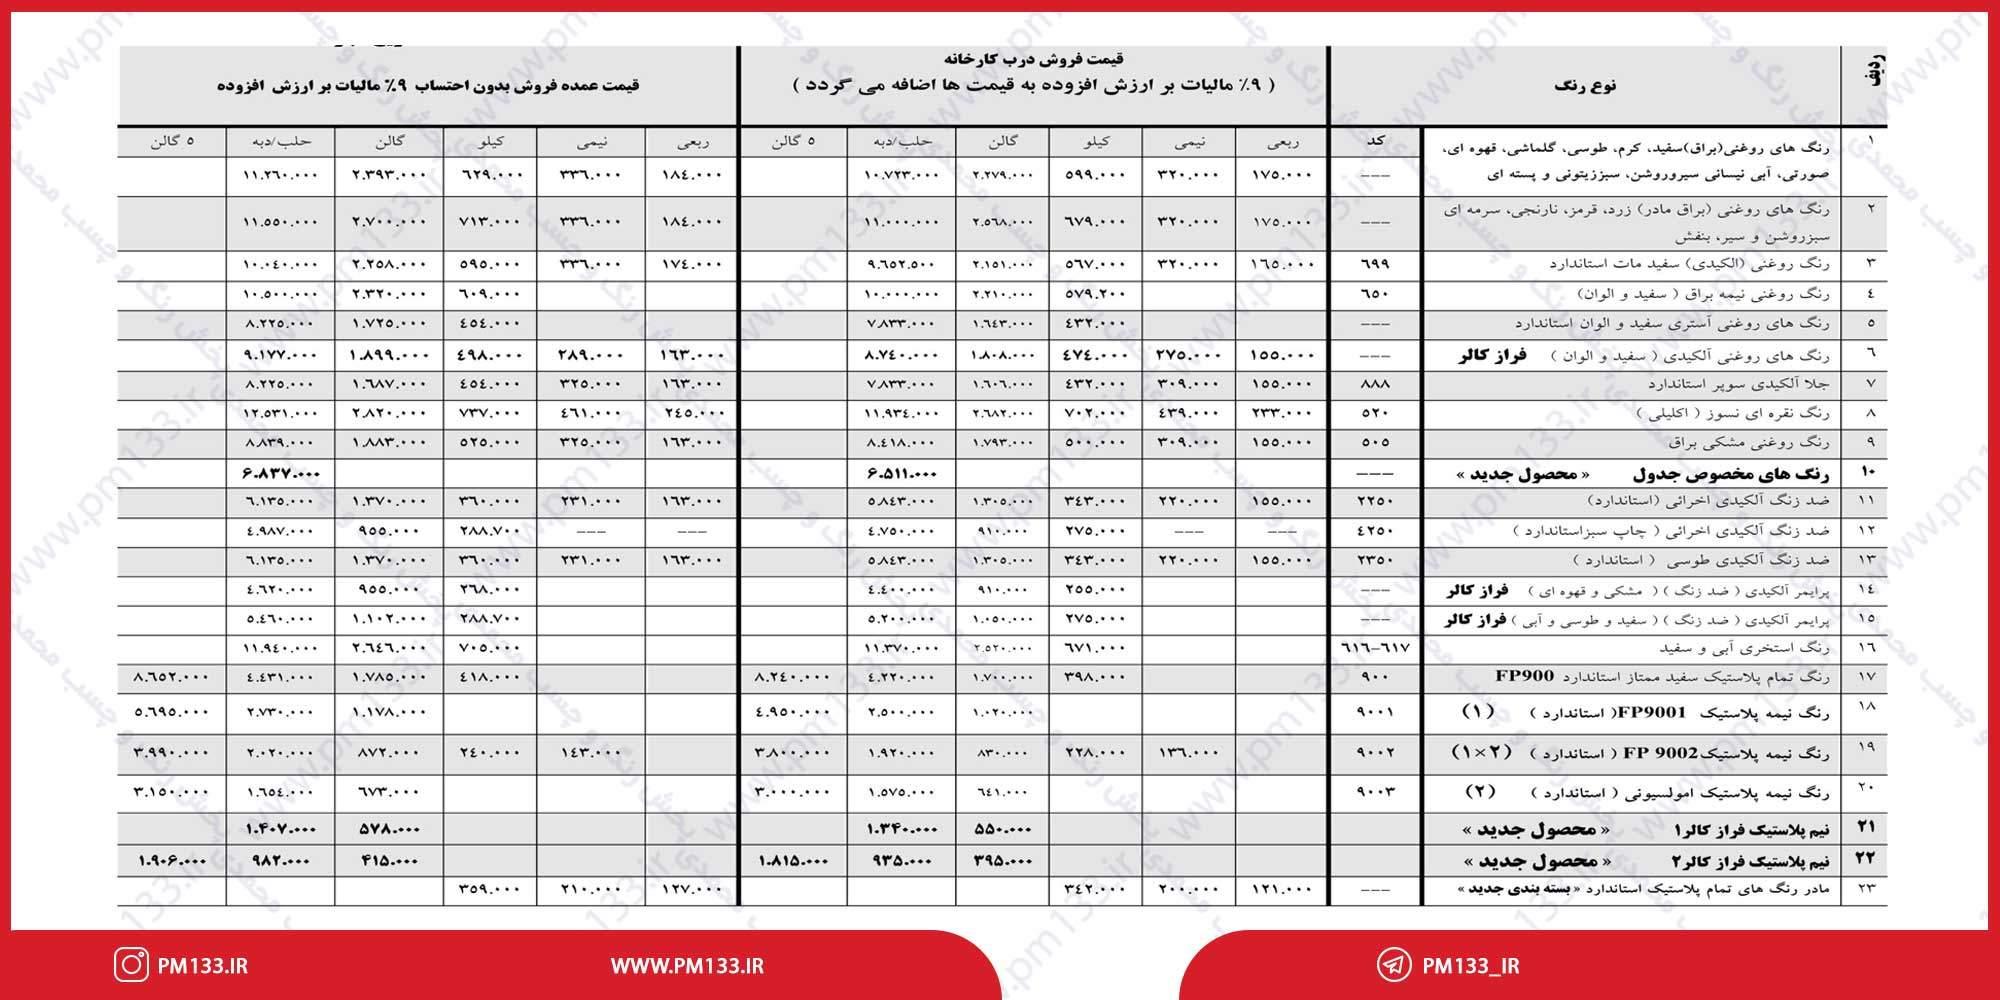 لیست قیمت فرازپیشه 04-02-1400 صفحه 1